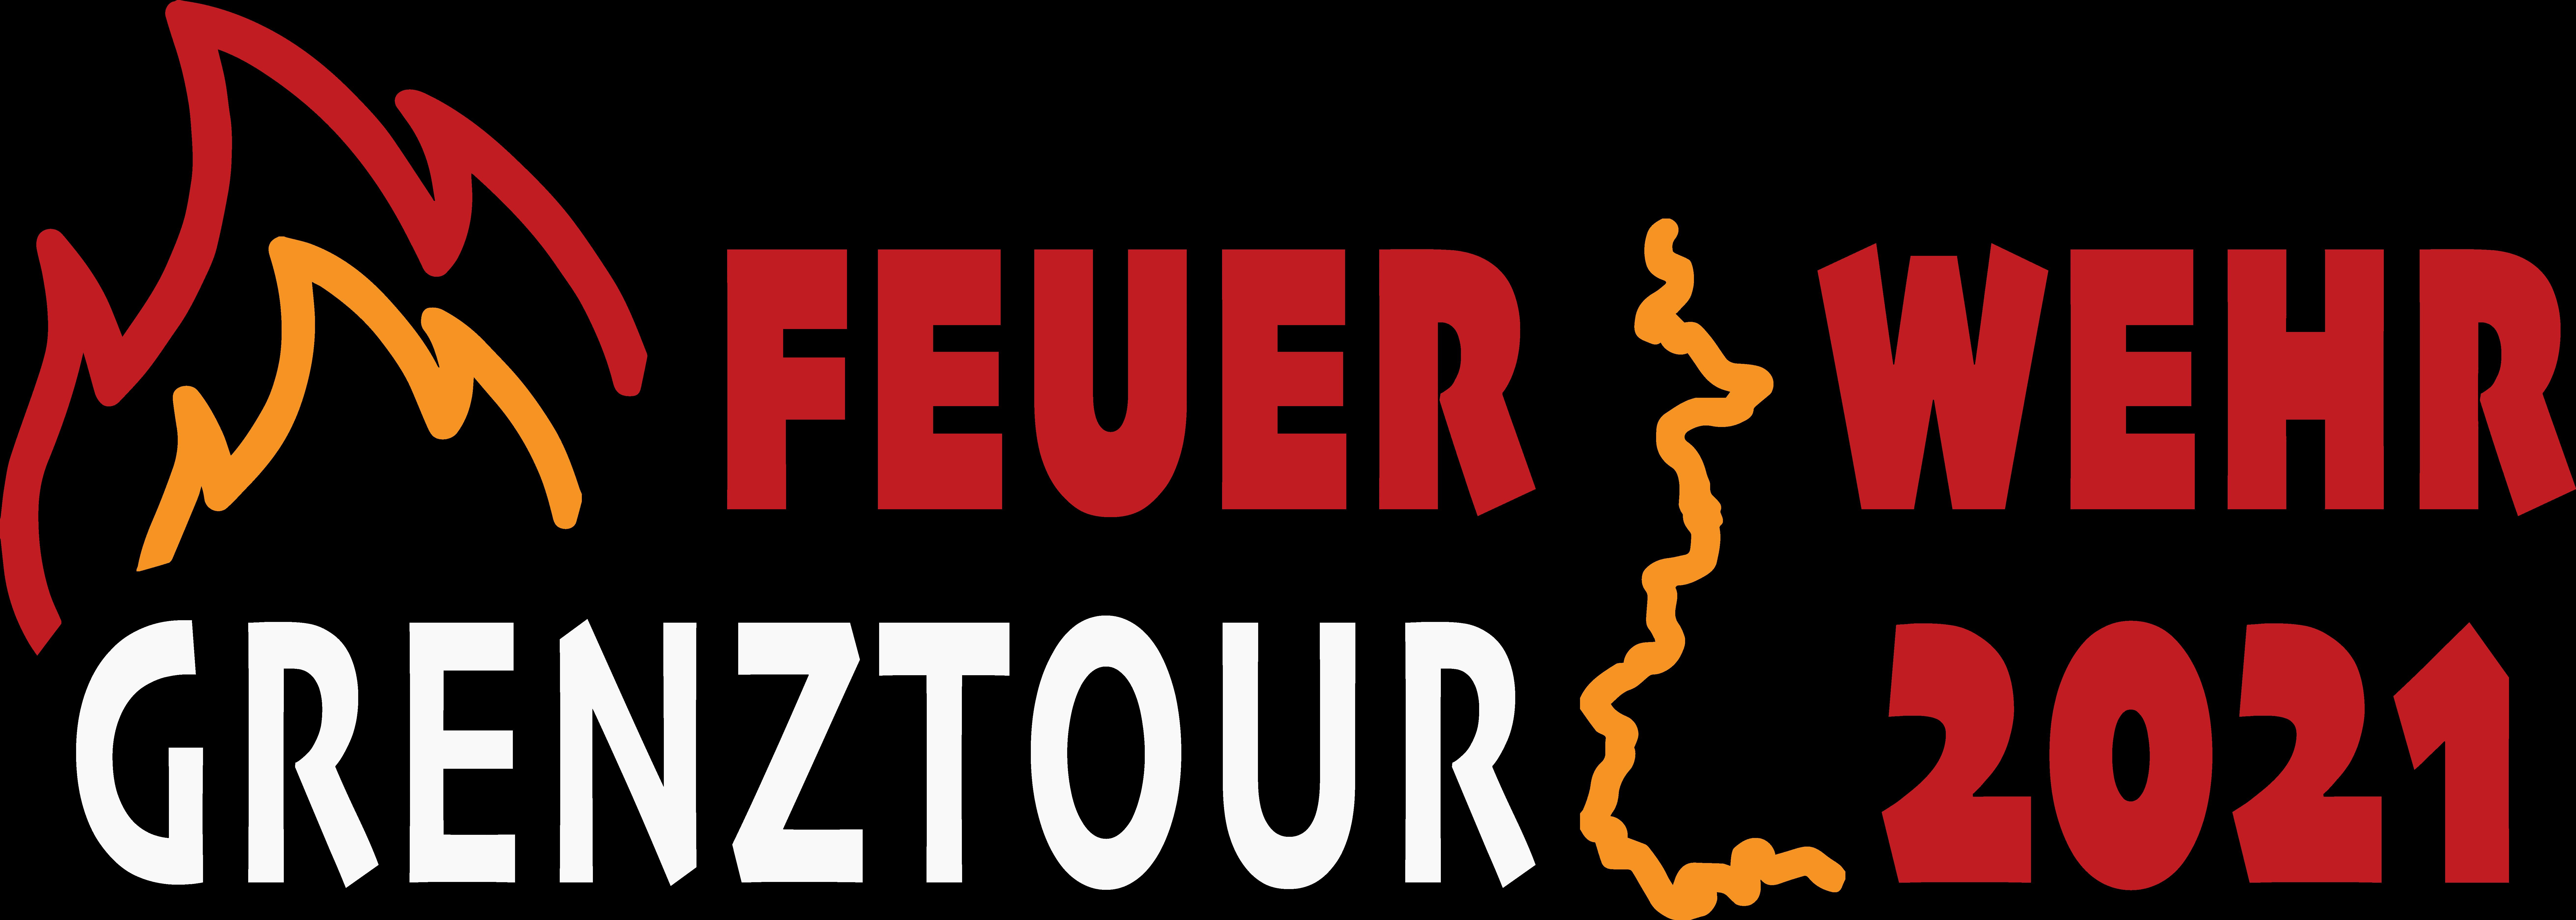 Feuerwehr - Grenztour